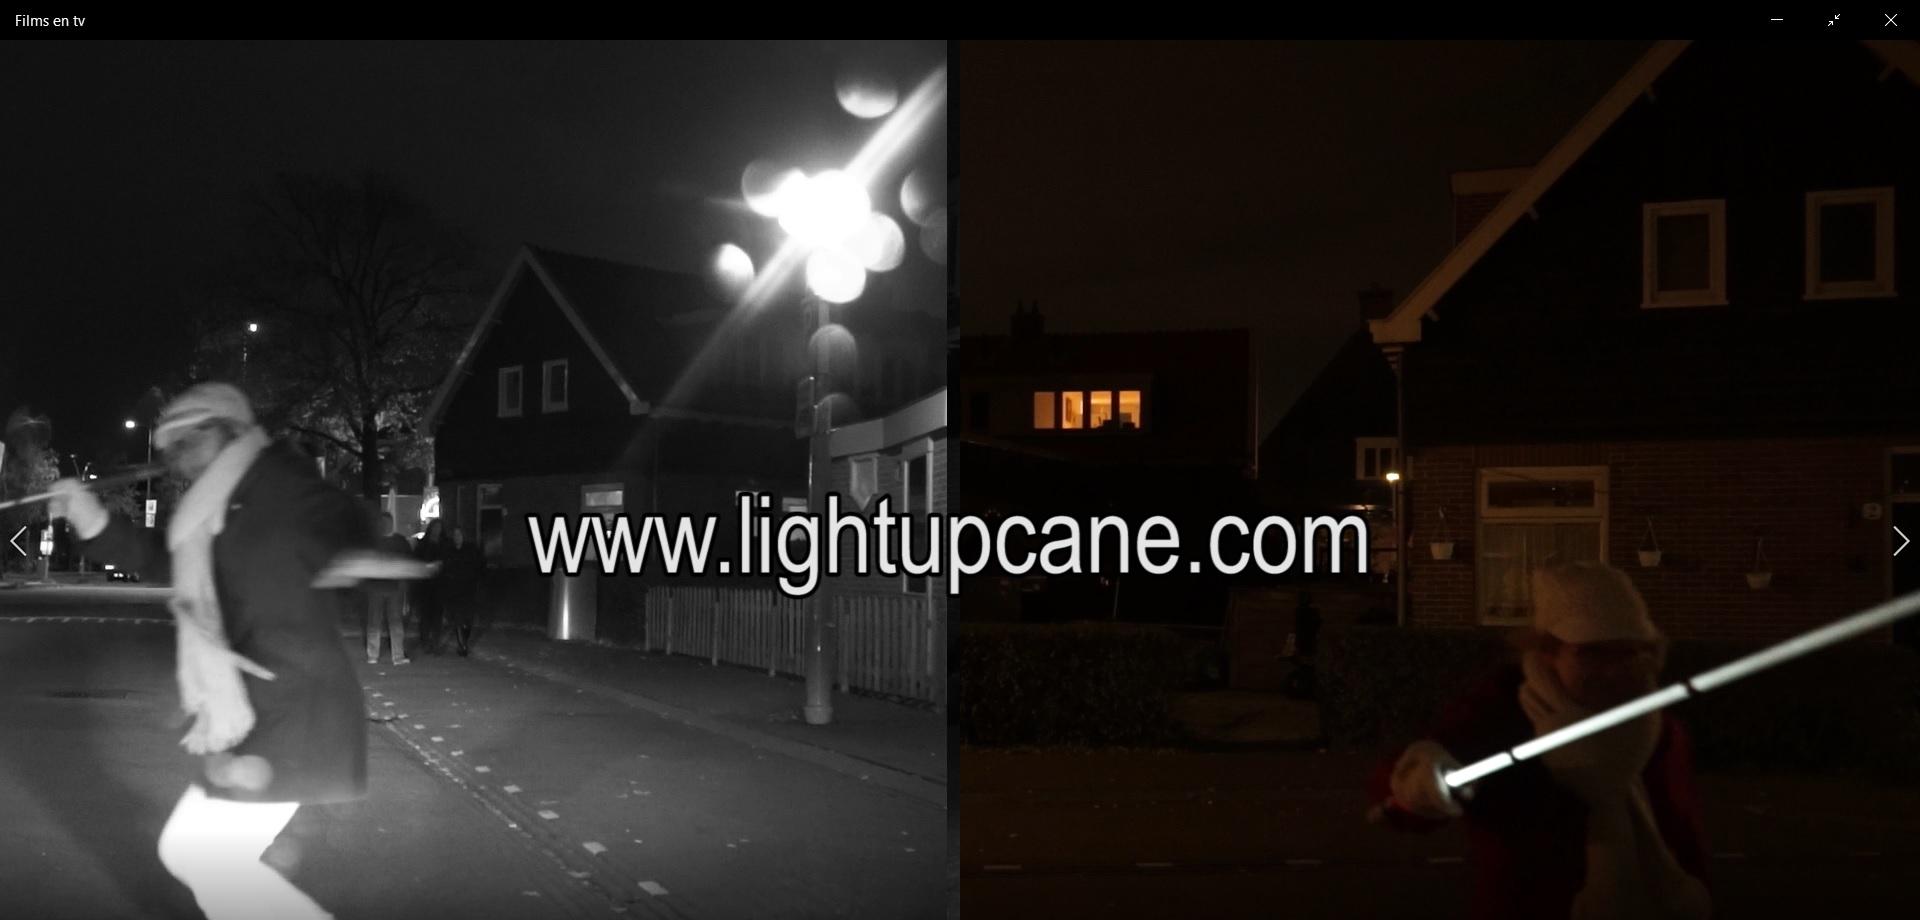 Light-up Cane vs Regular White Cane